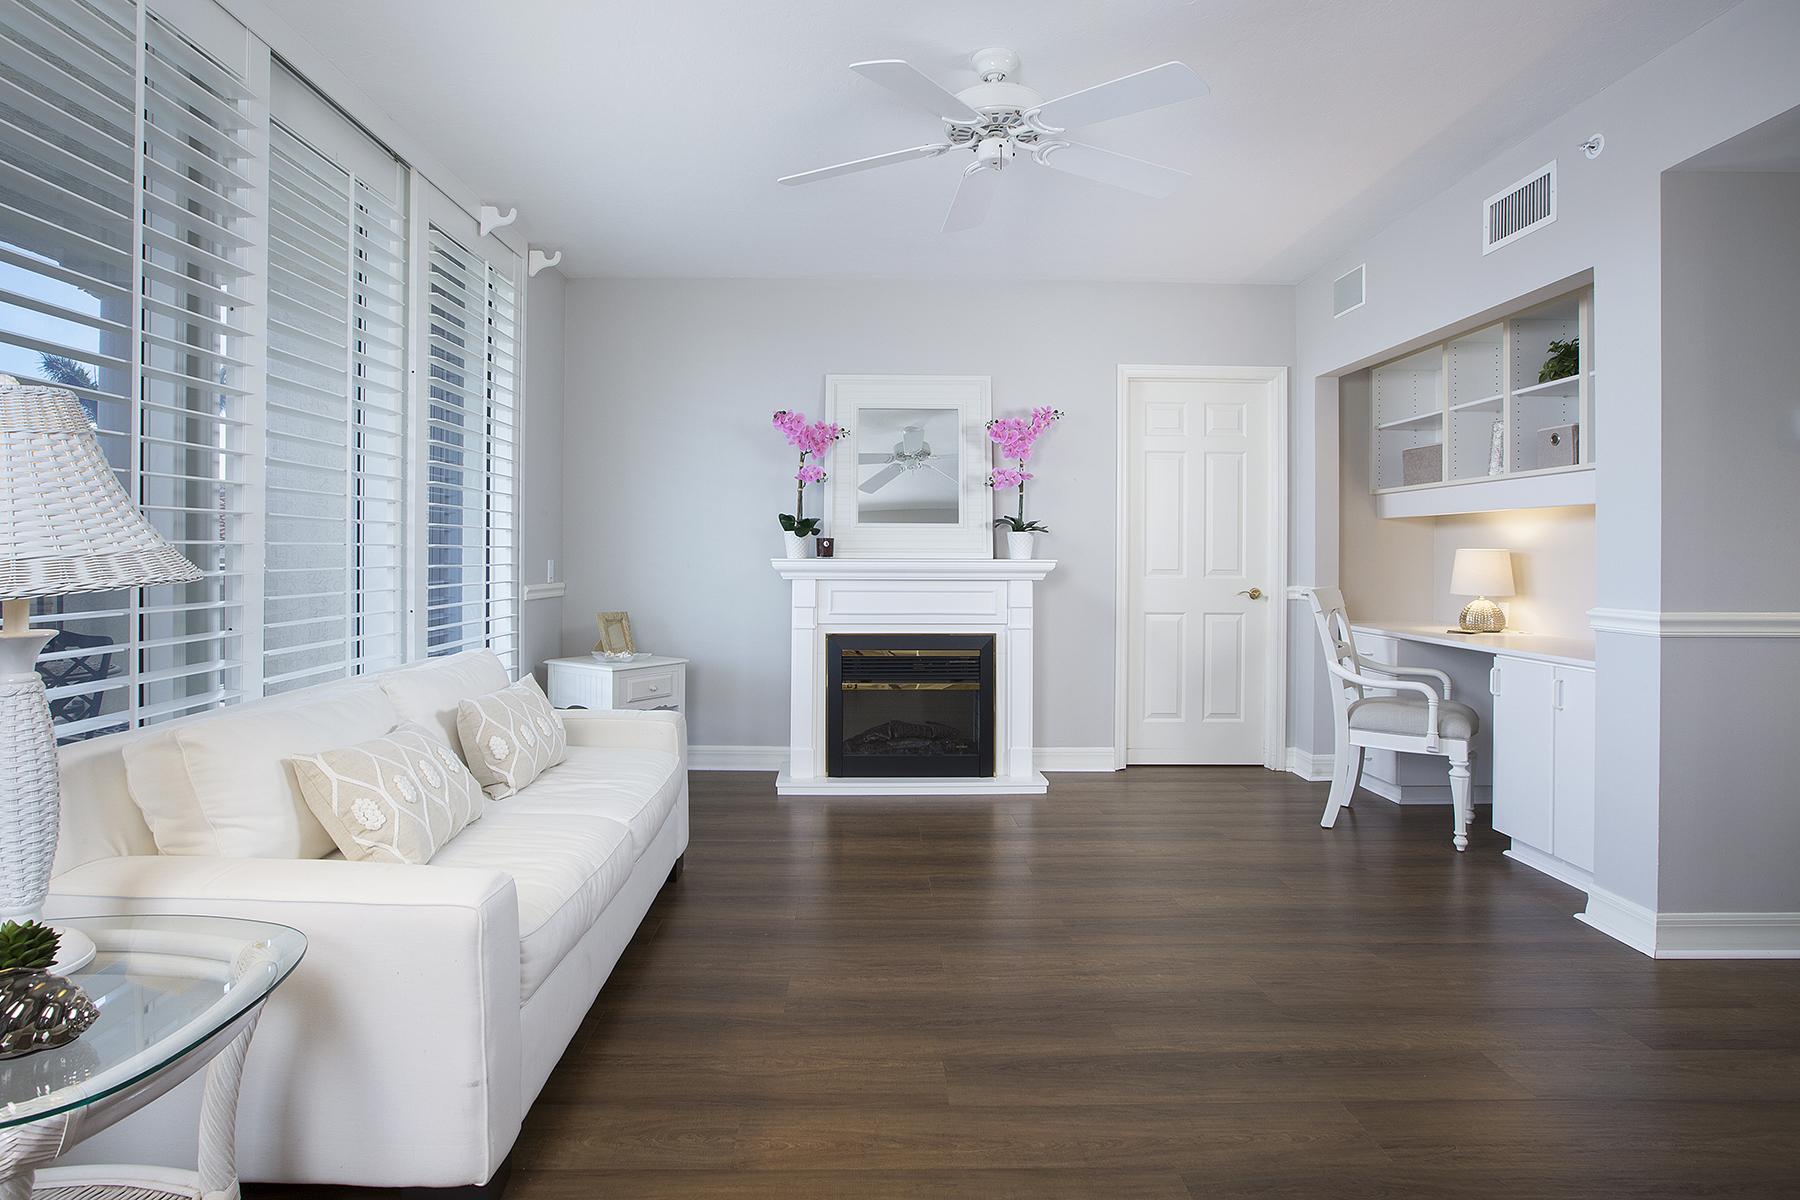 Condominium for Sale at 7425 Pelican Bay Blvd , 206, Naples, FL 34108 7425 Pelican Bay Blvd 206, Pelican Bay, Naples, Florida, 34108 United States